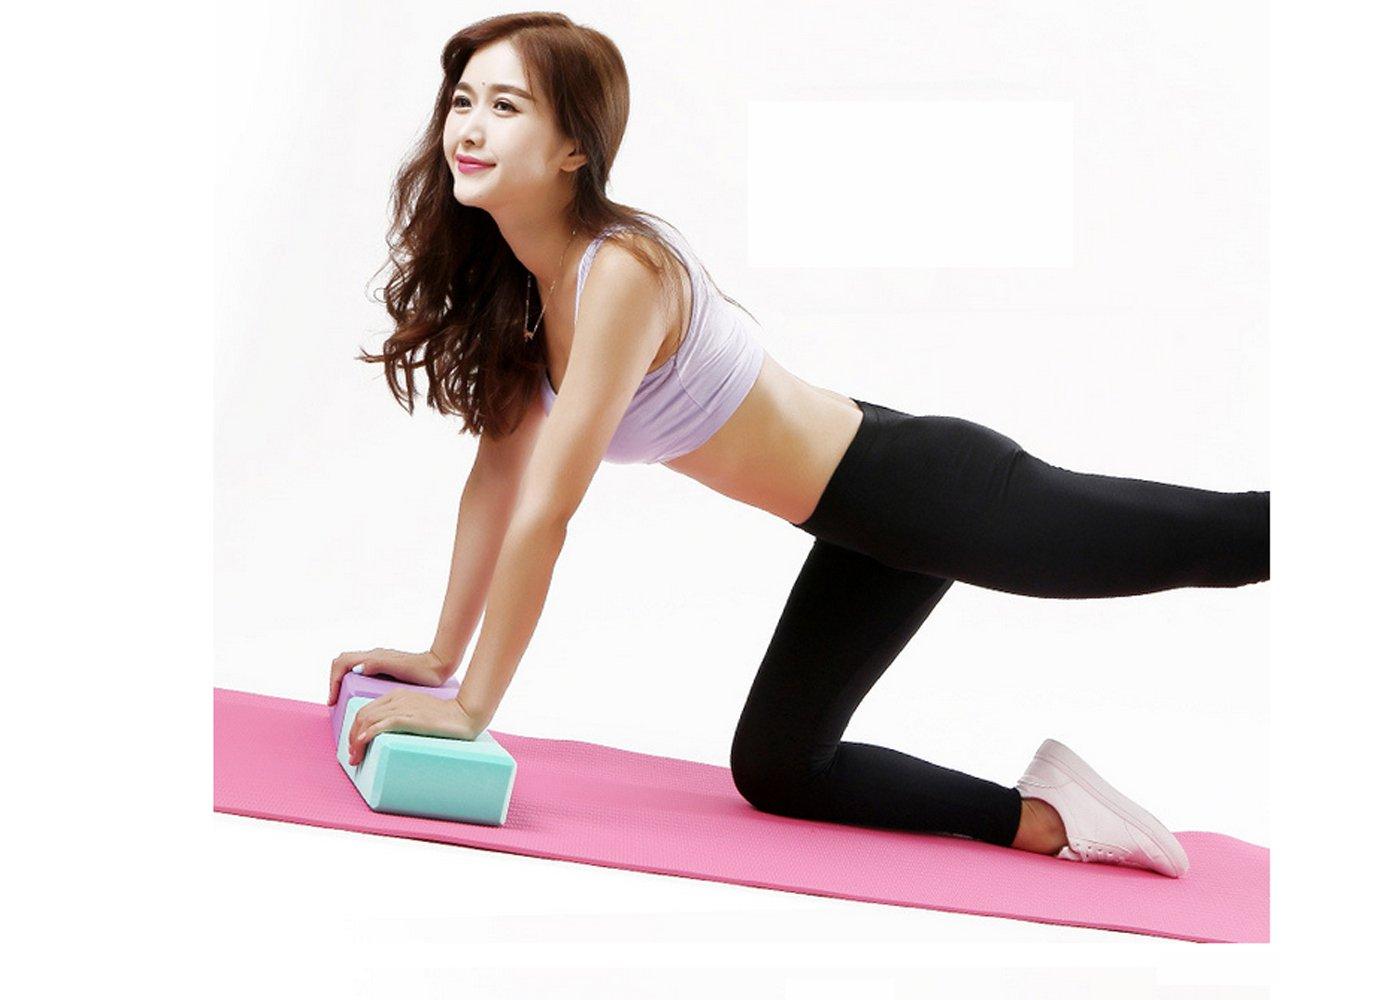 Amazon.com: Bloques de yoga bloques de Yoga espuma ejercicio ...